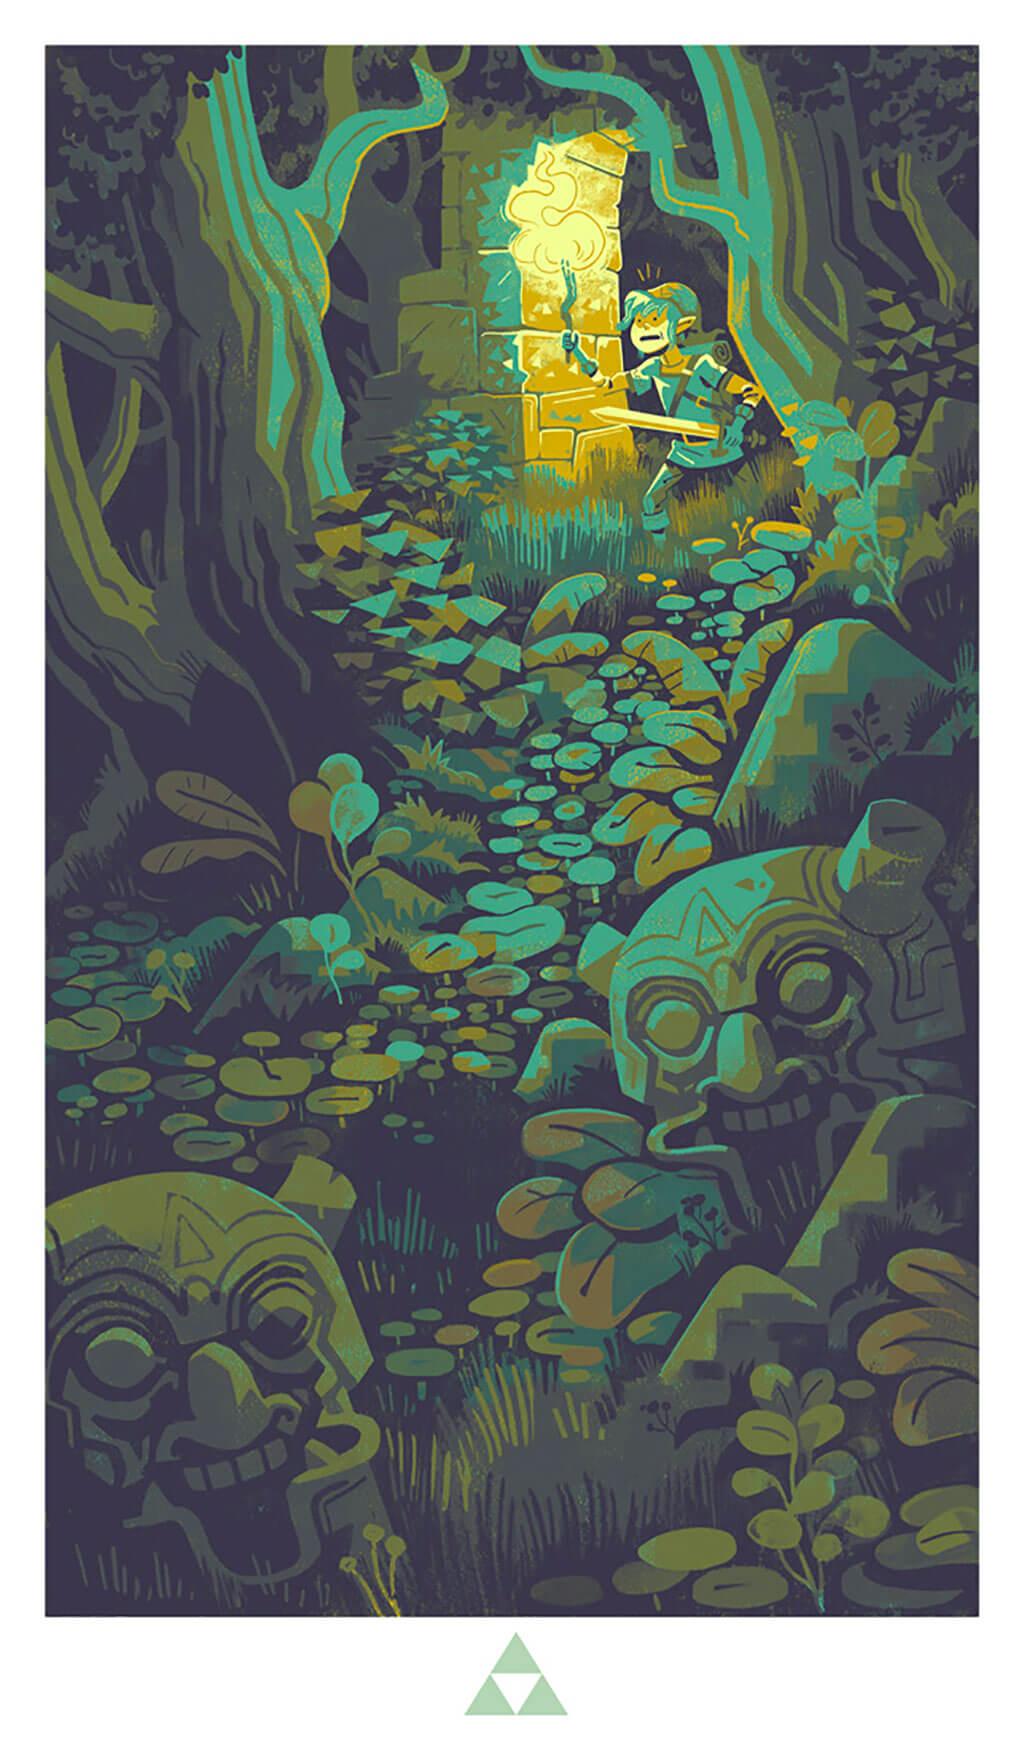 Zelda Fan Art by Tim Mack